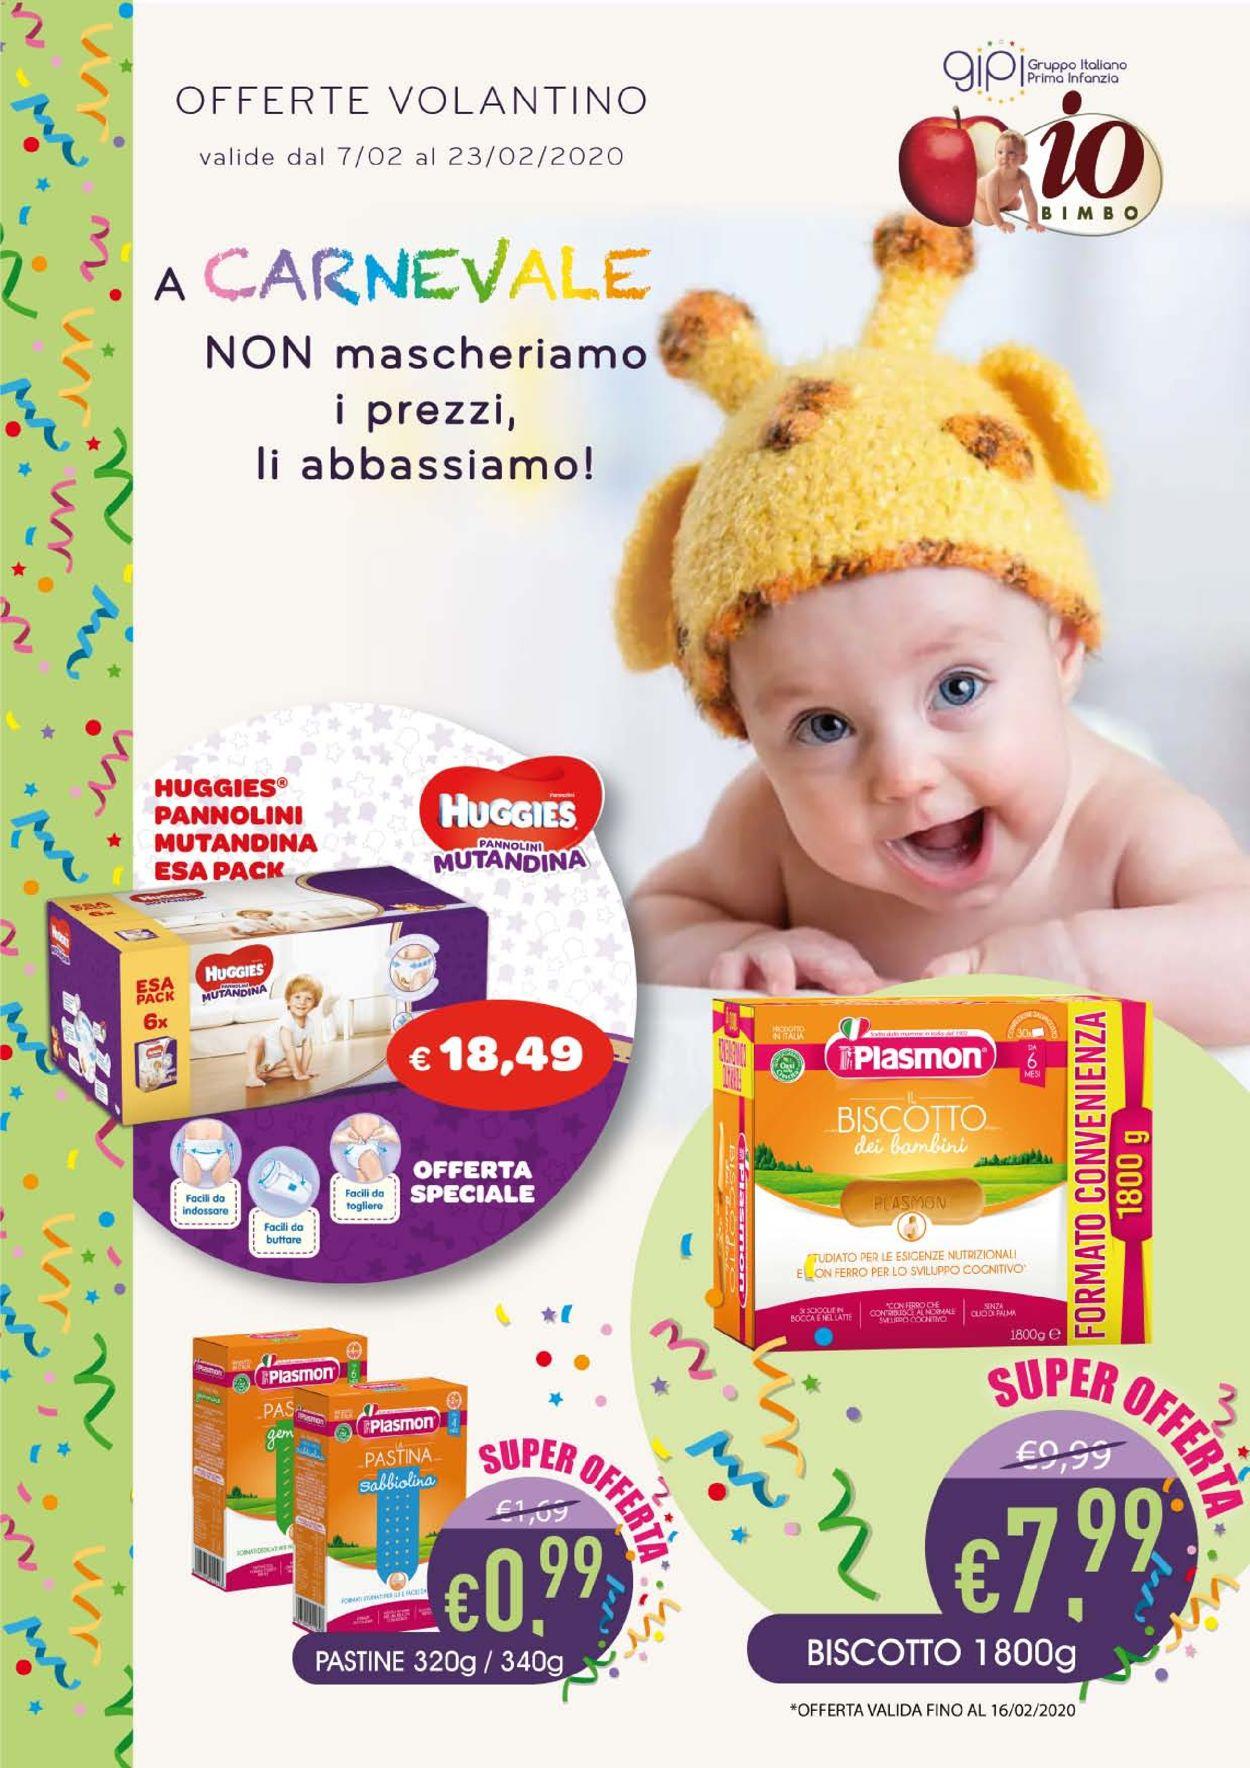 Volantino Io Bimbo - Offerte 07/02-23/02/2020